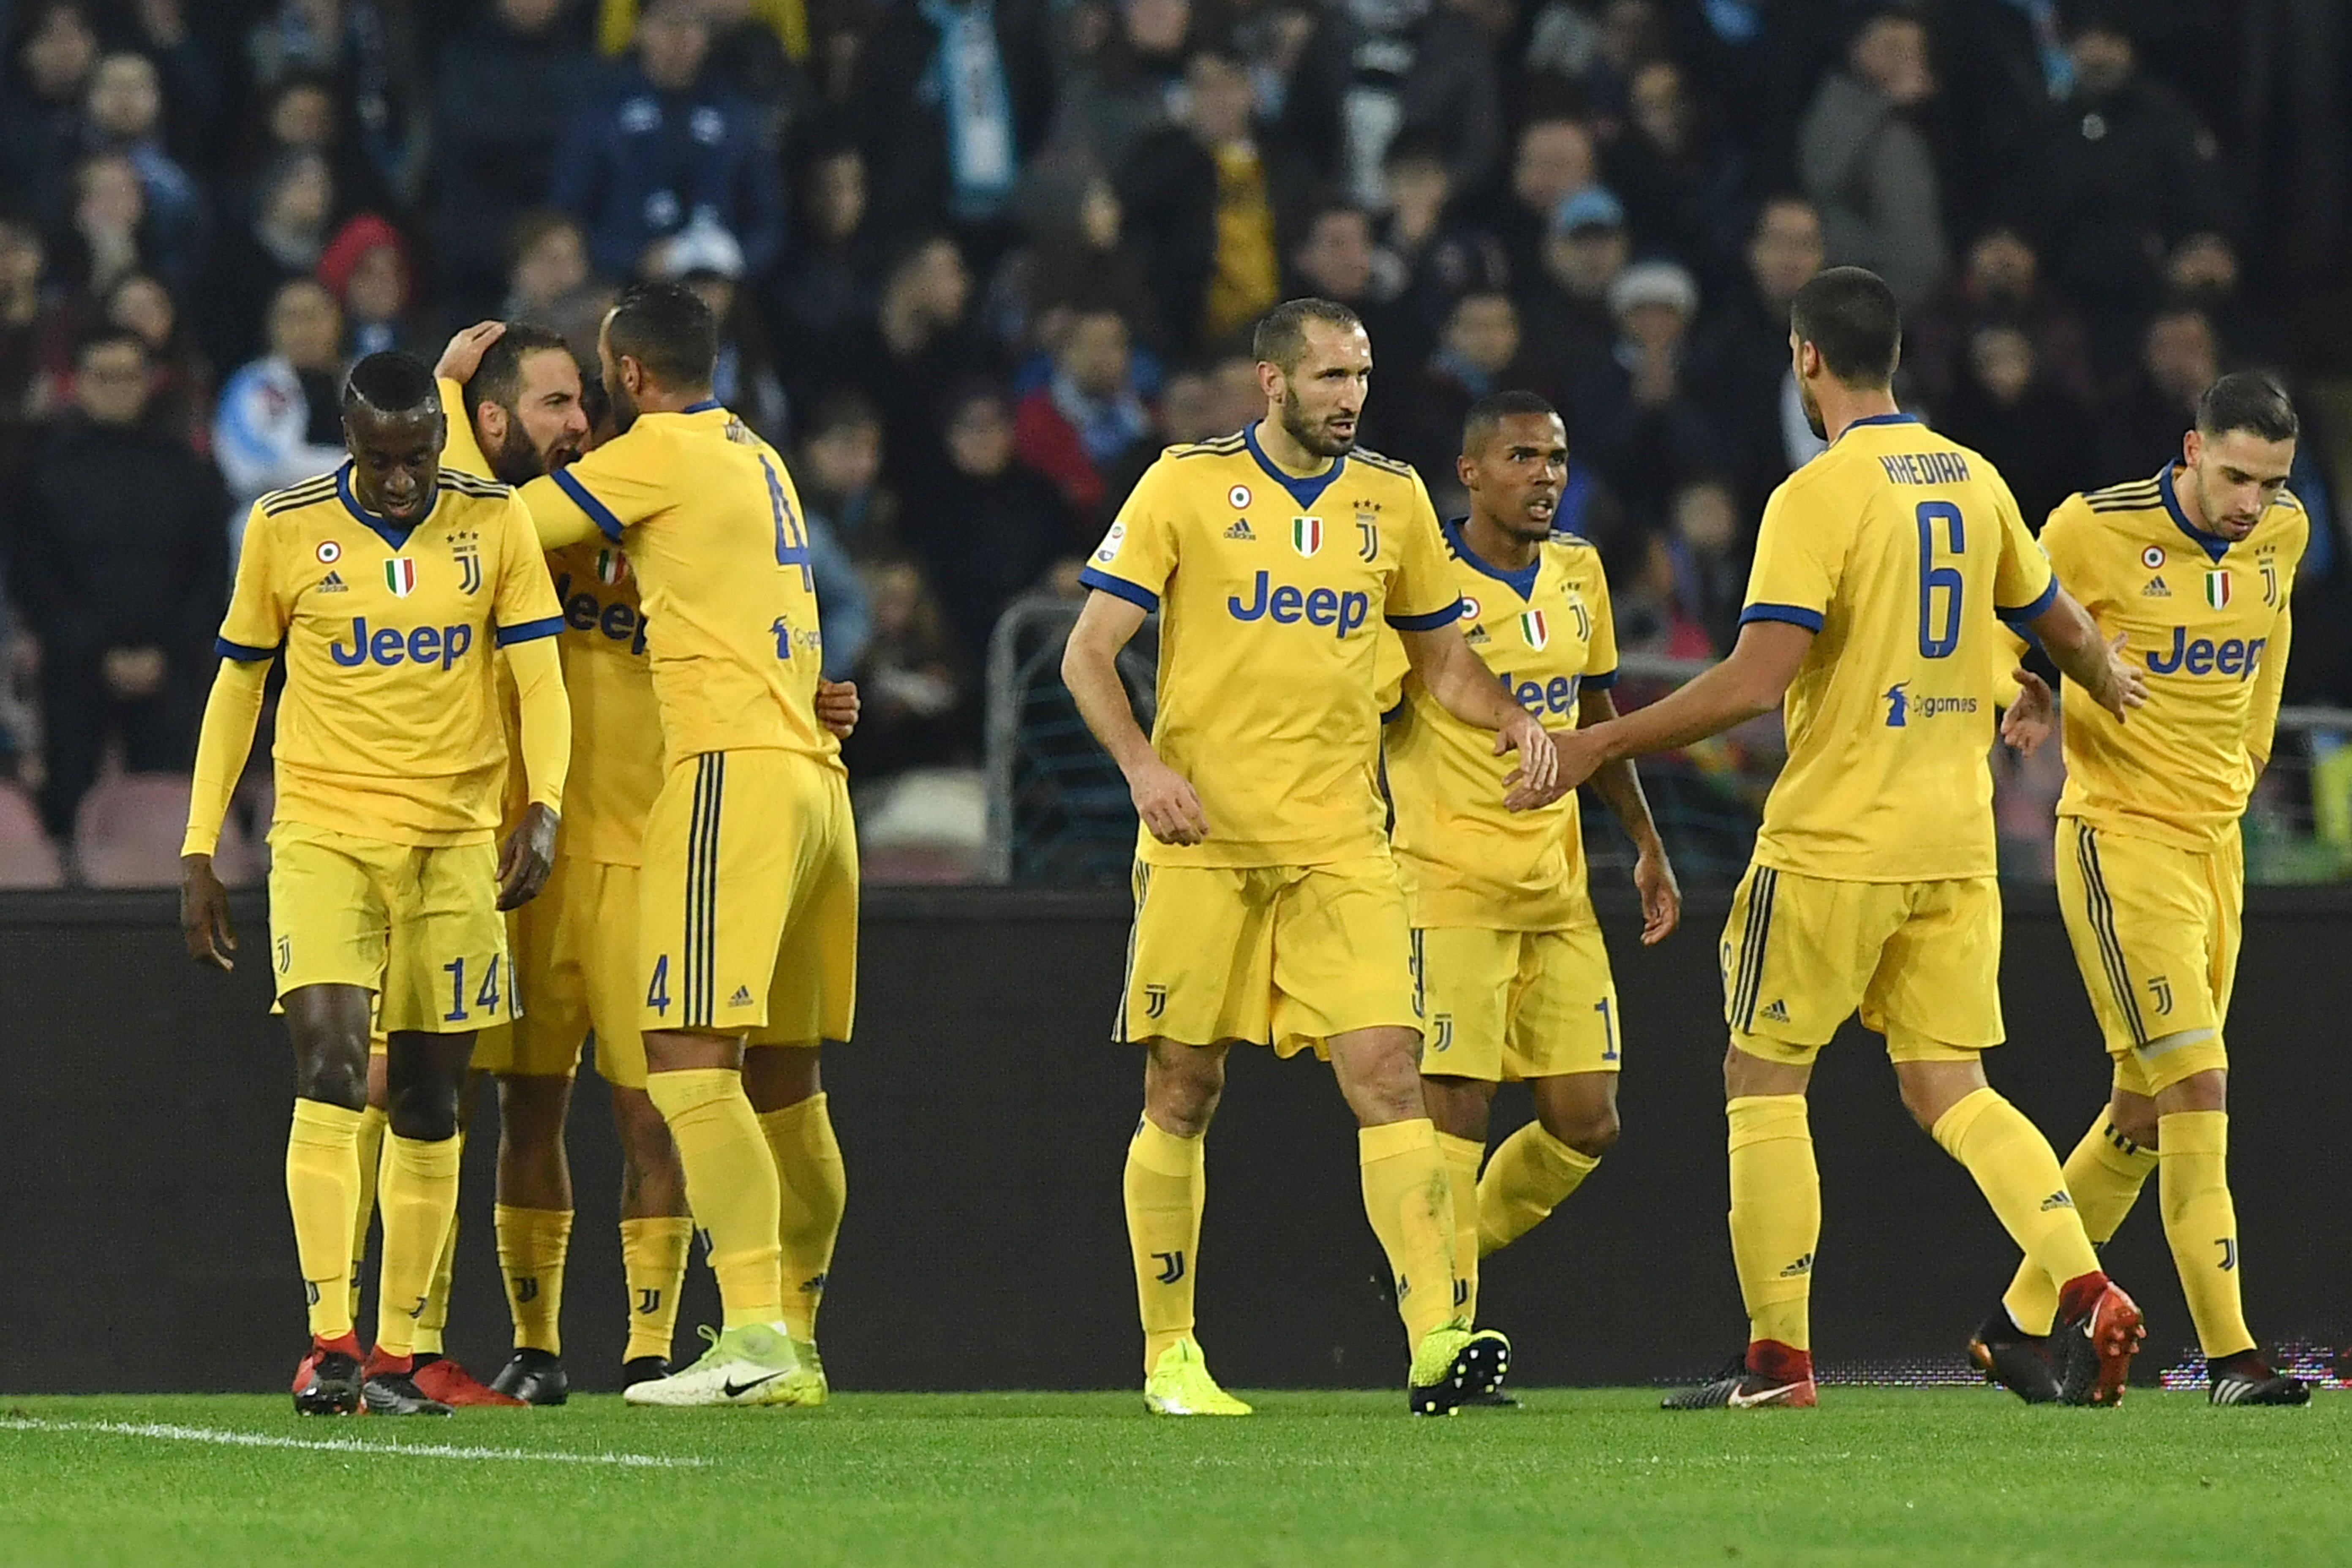 Serie A, i risultati della 15esima giornata. Disastro Milan, Inter capolista